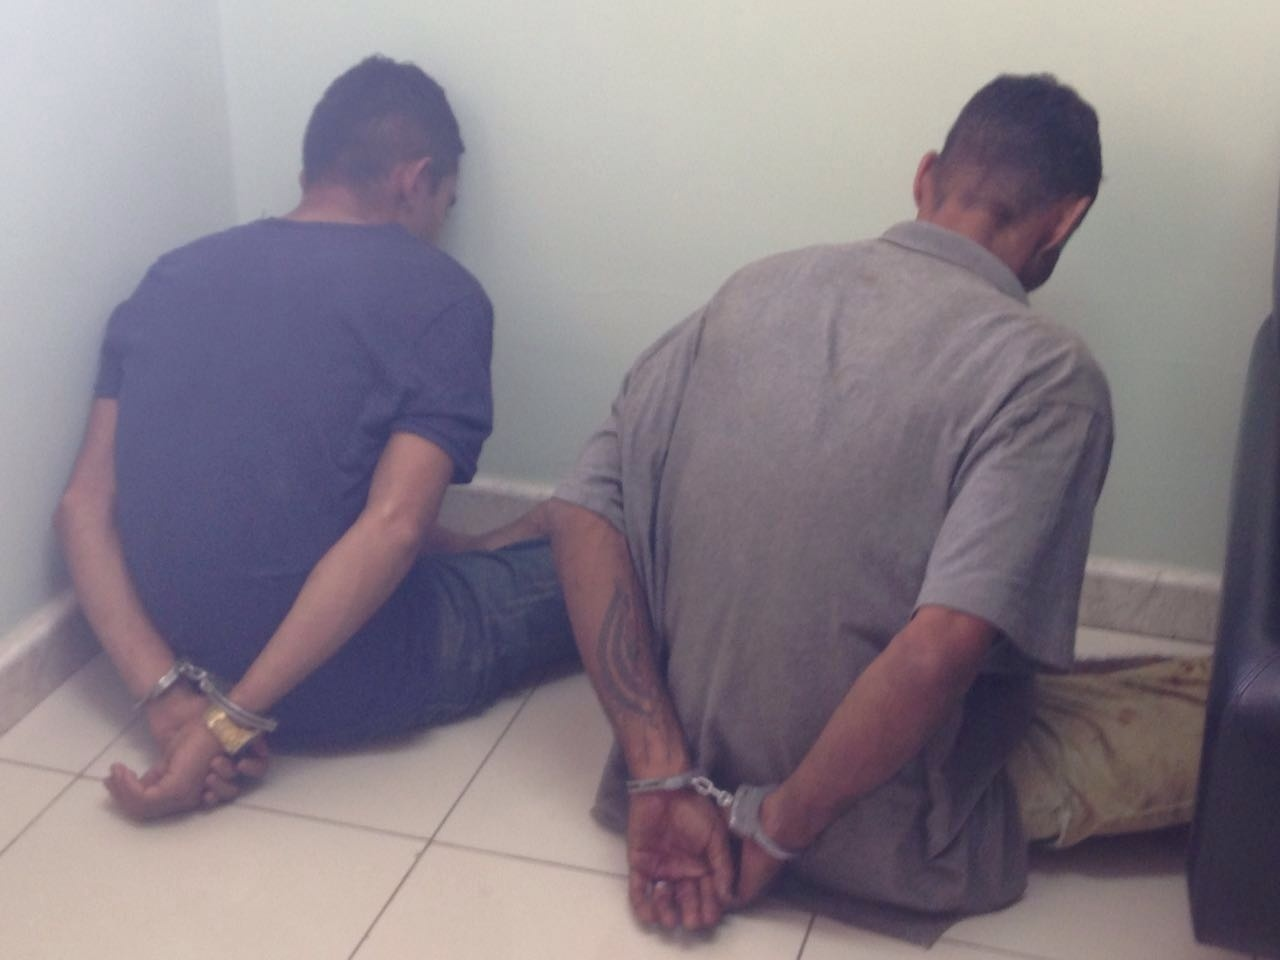 Gerente de agência dos Correios na PB é encontrado após 72h sob poder de sequestradores